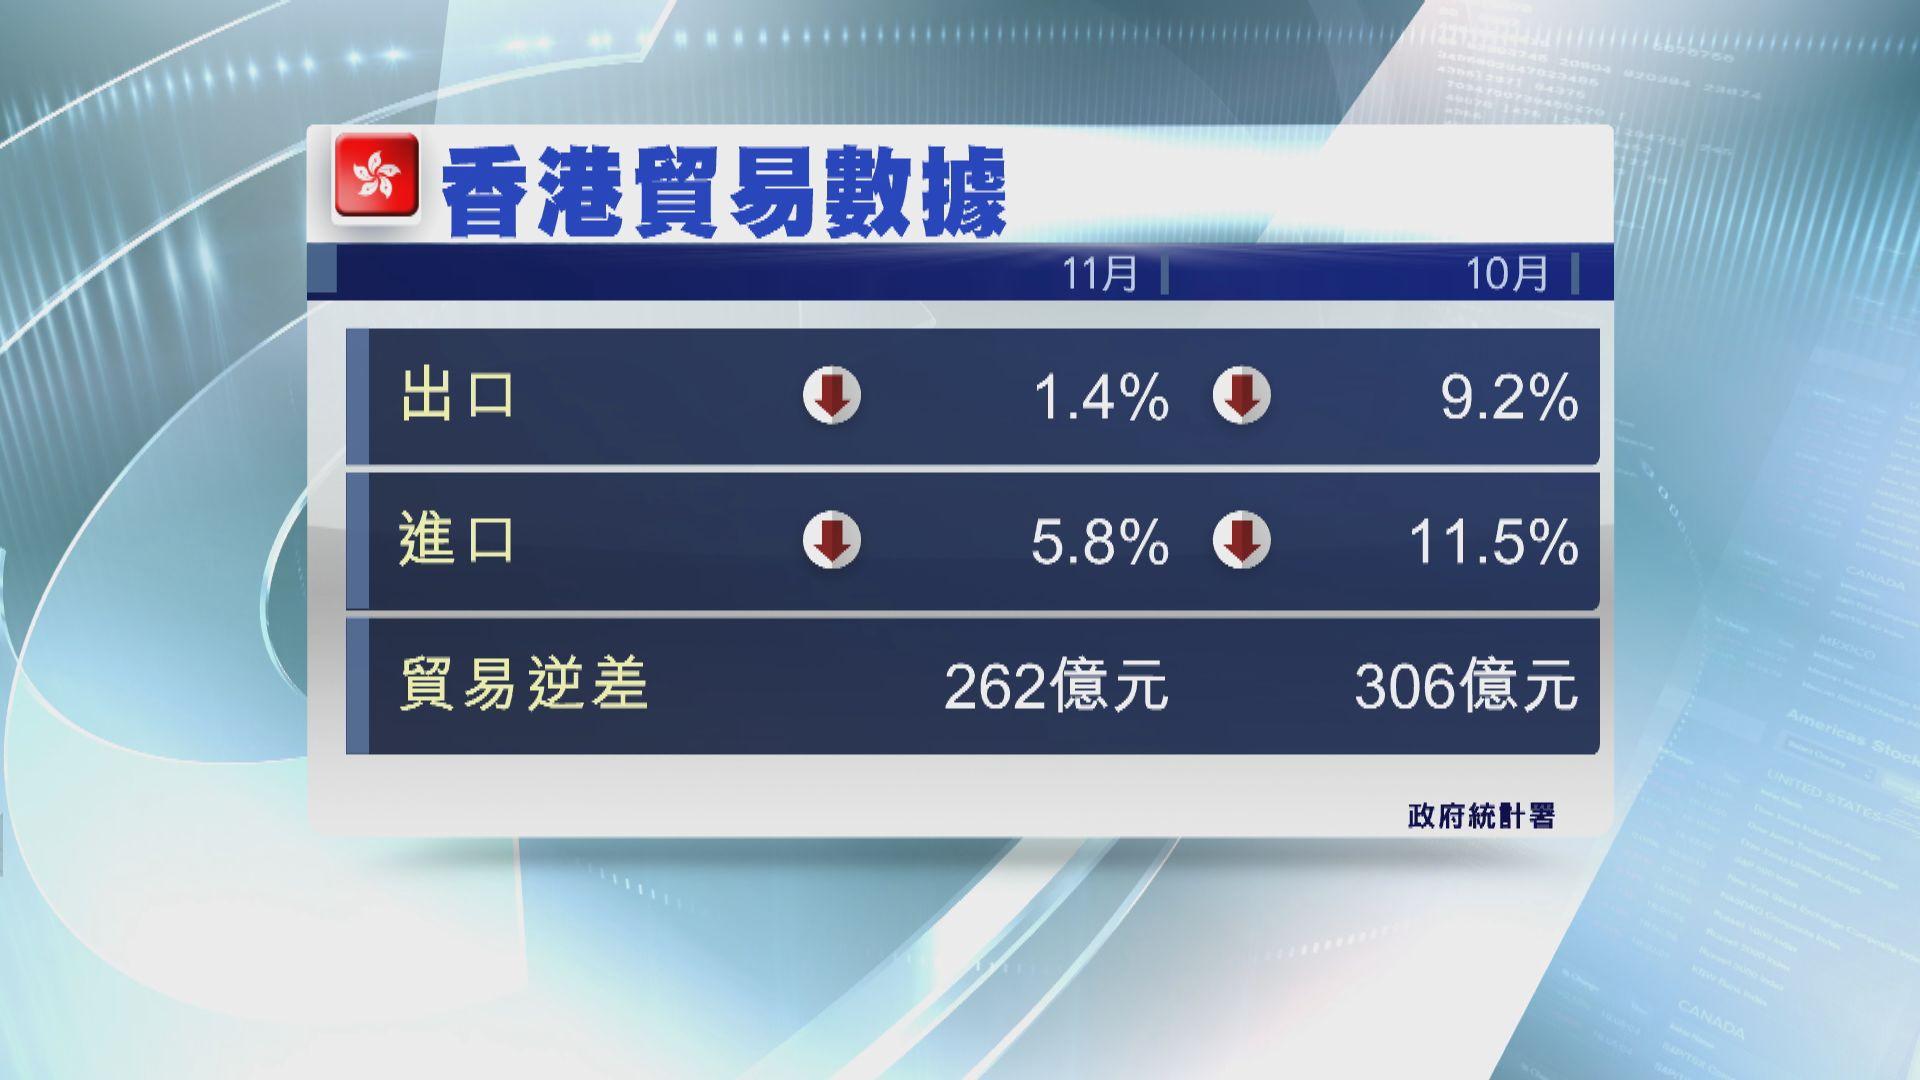 【貿易數據】本港11月份進出口跌幅收窄